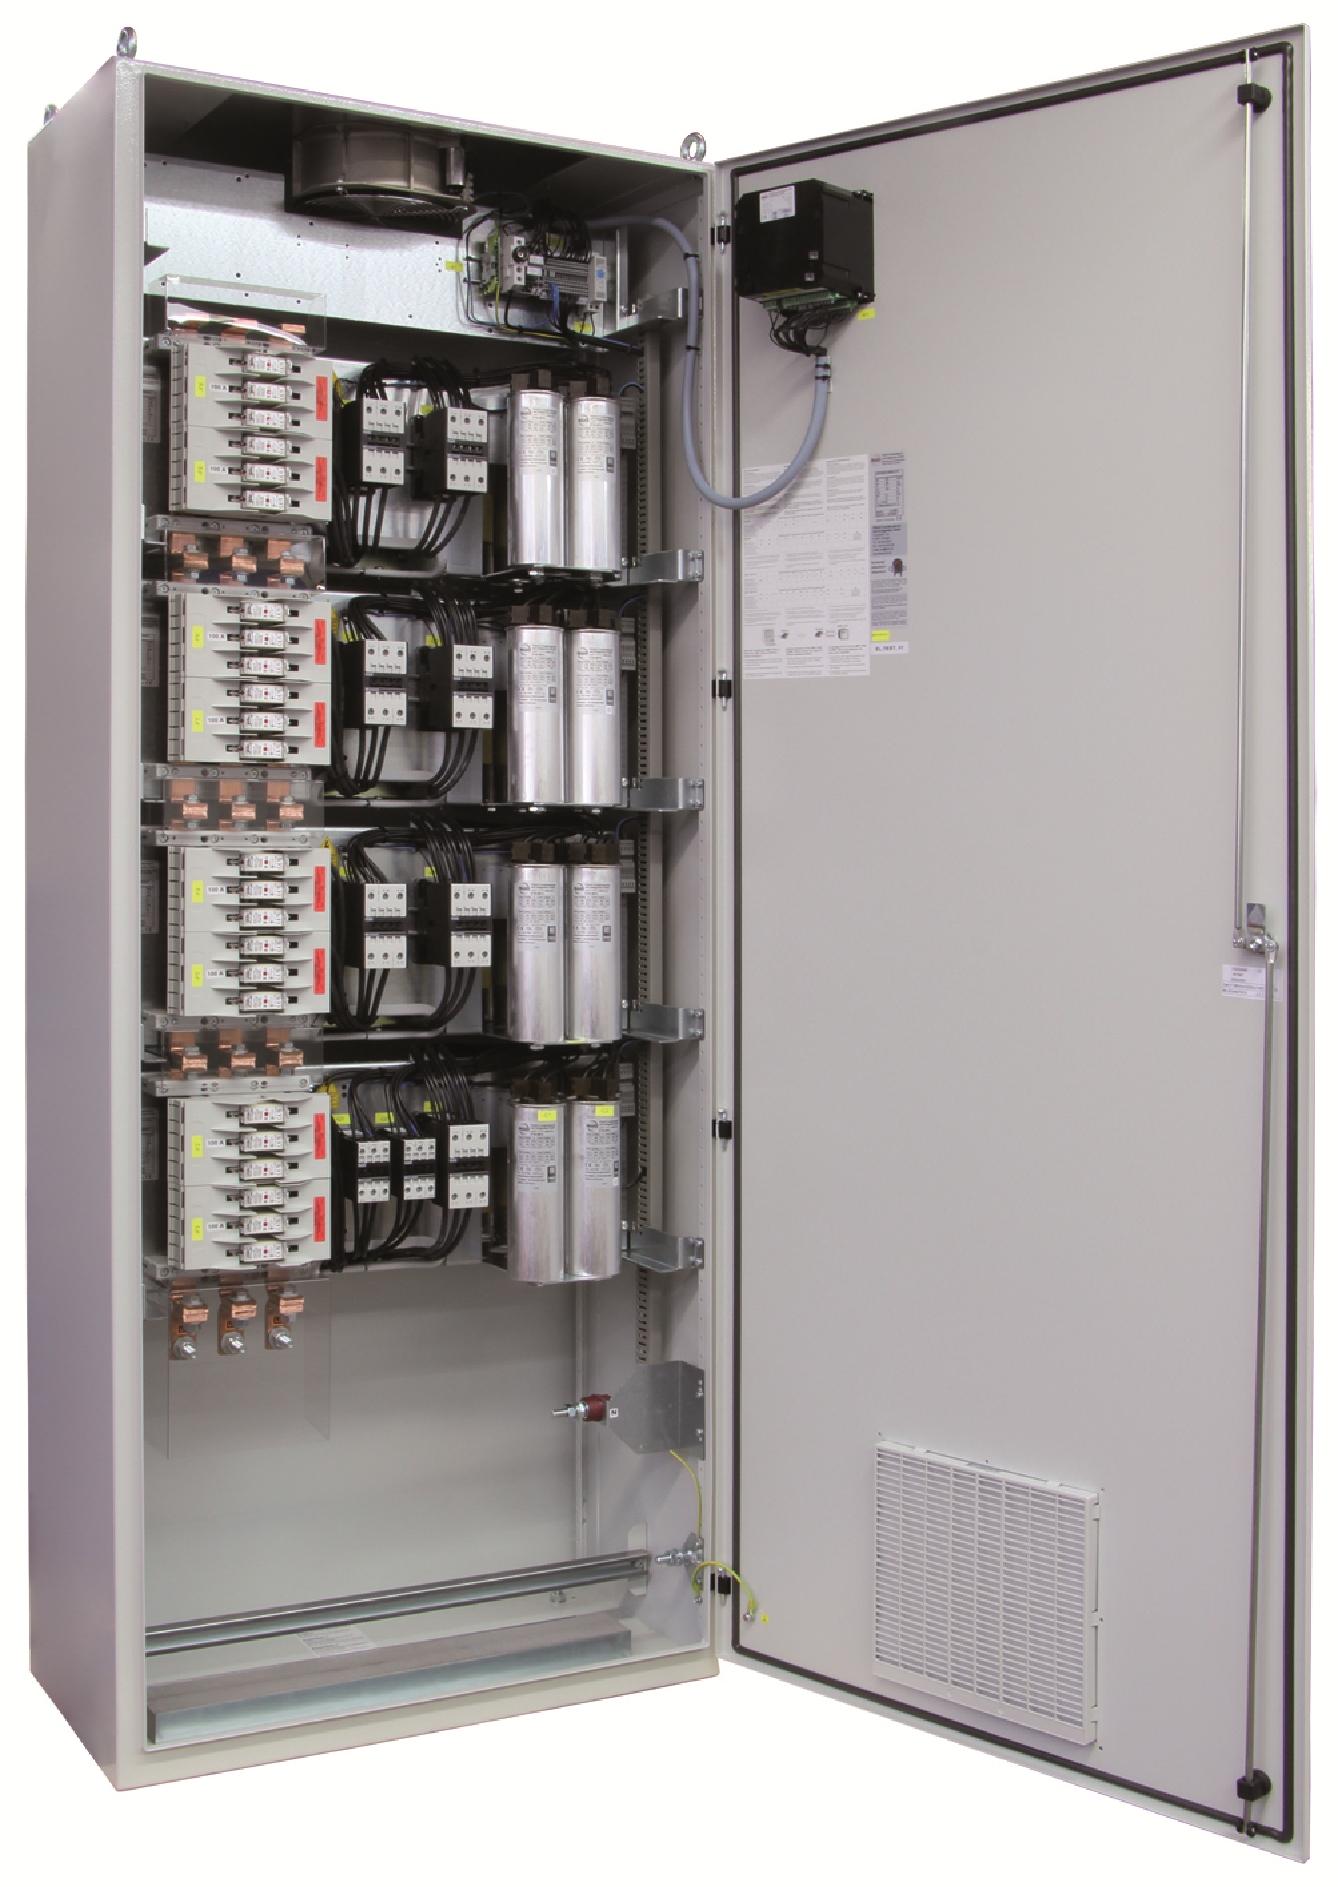 1 Stk Kompensation LSFC 14% 250/50kvar 800x2110x500mm FR3422640-